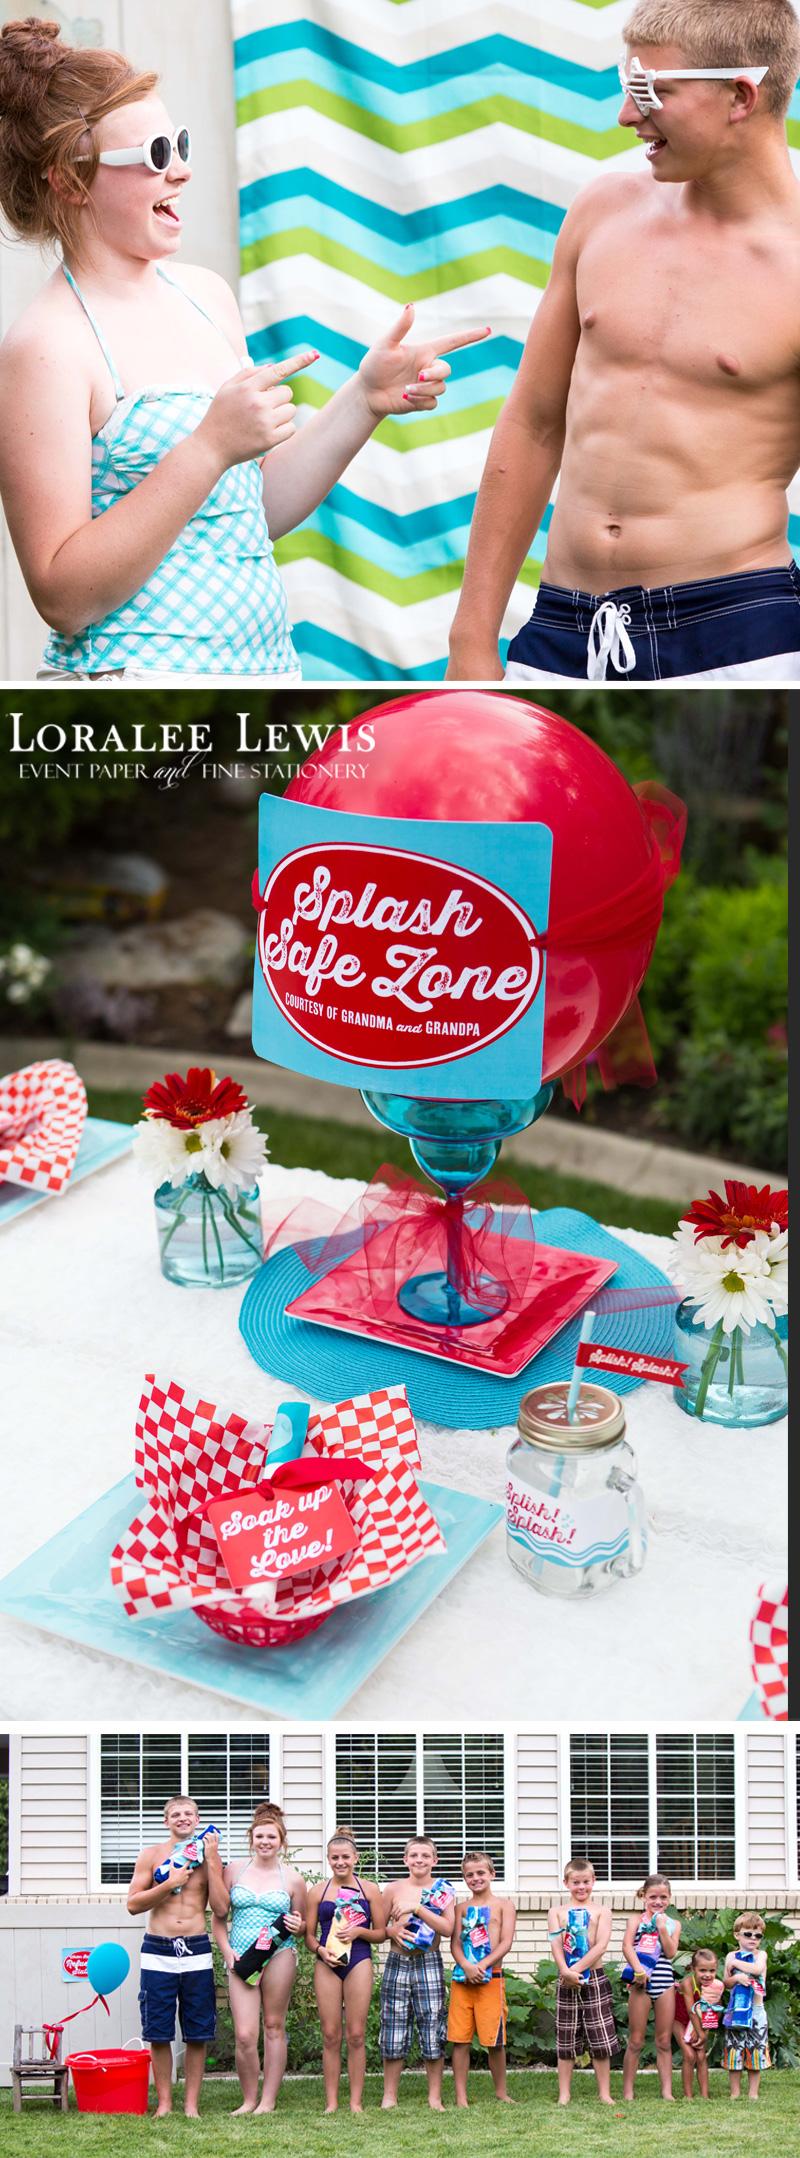 LoraleeLewisSplishSplash8